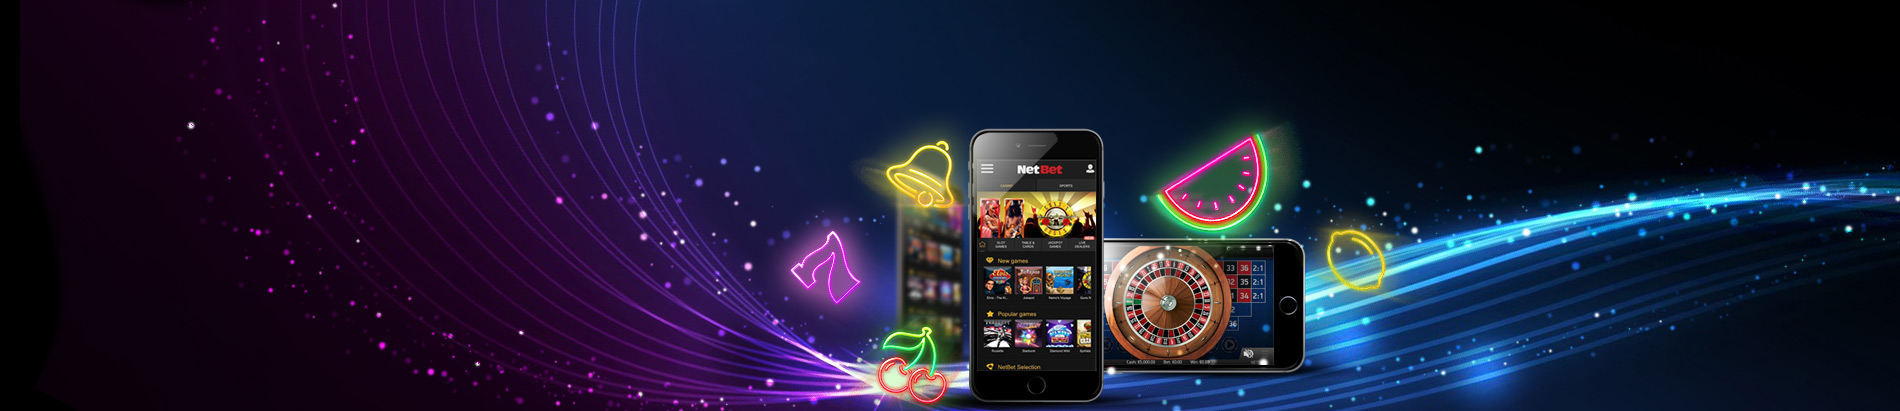 NetBet Mobile